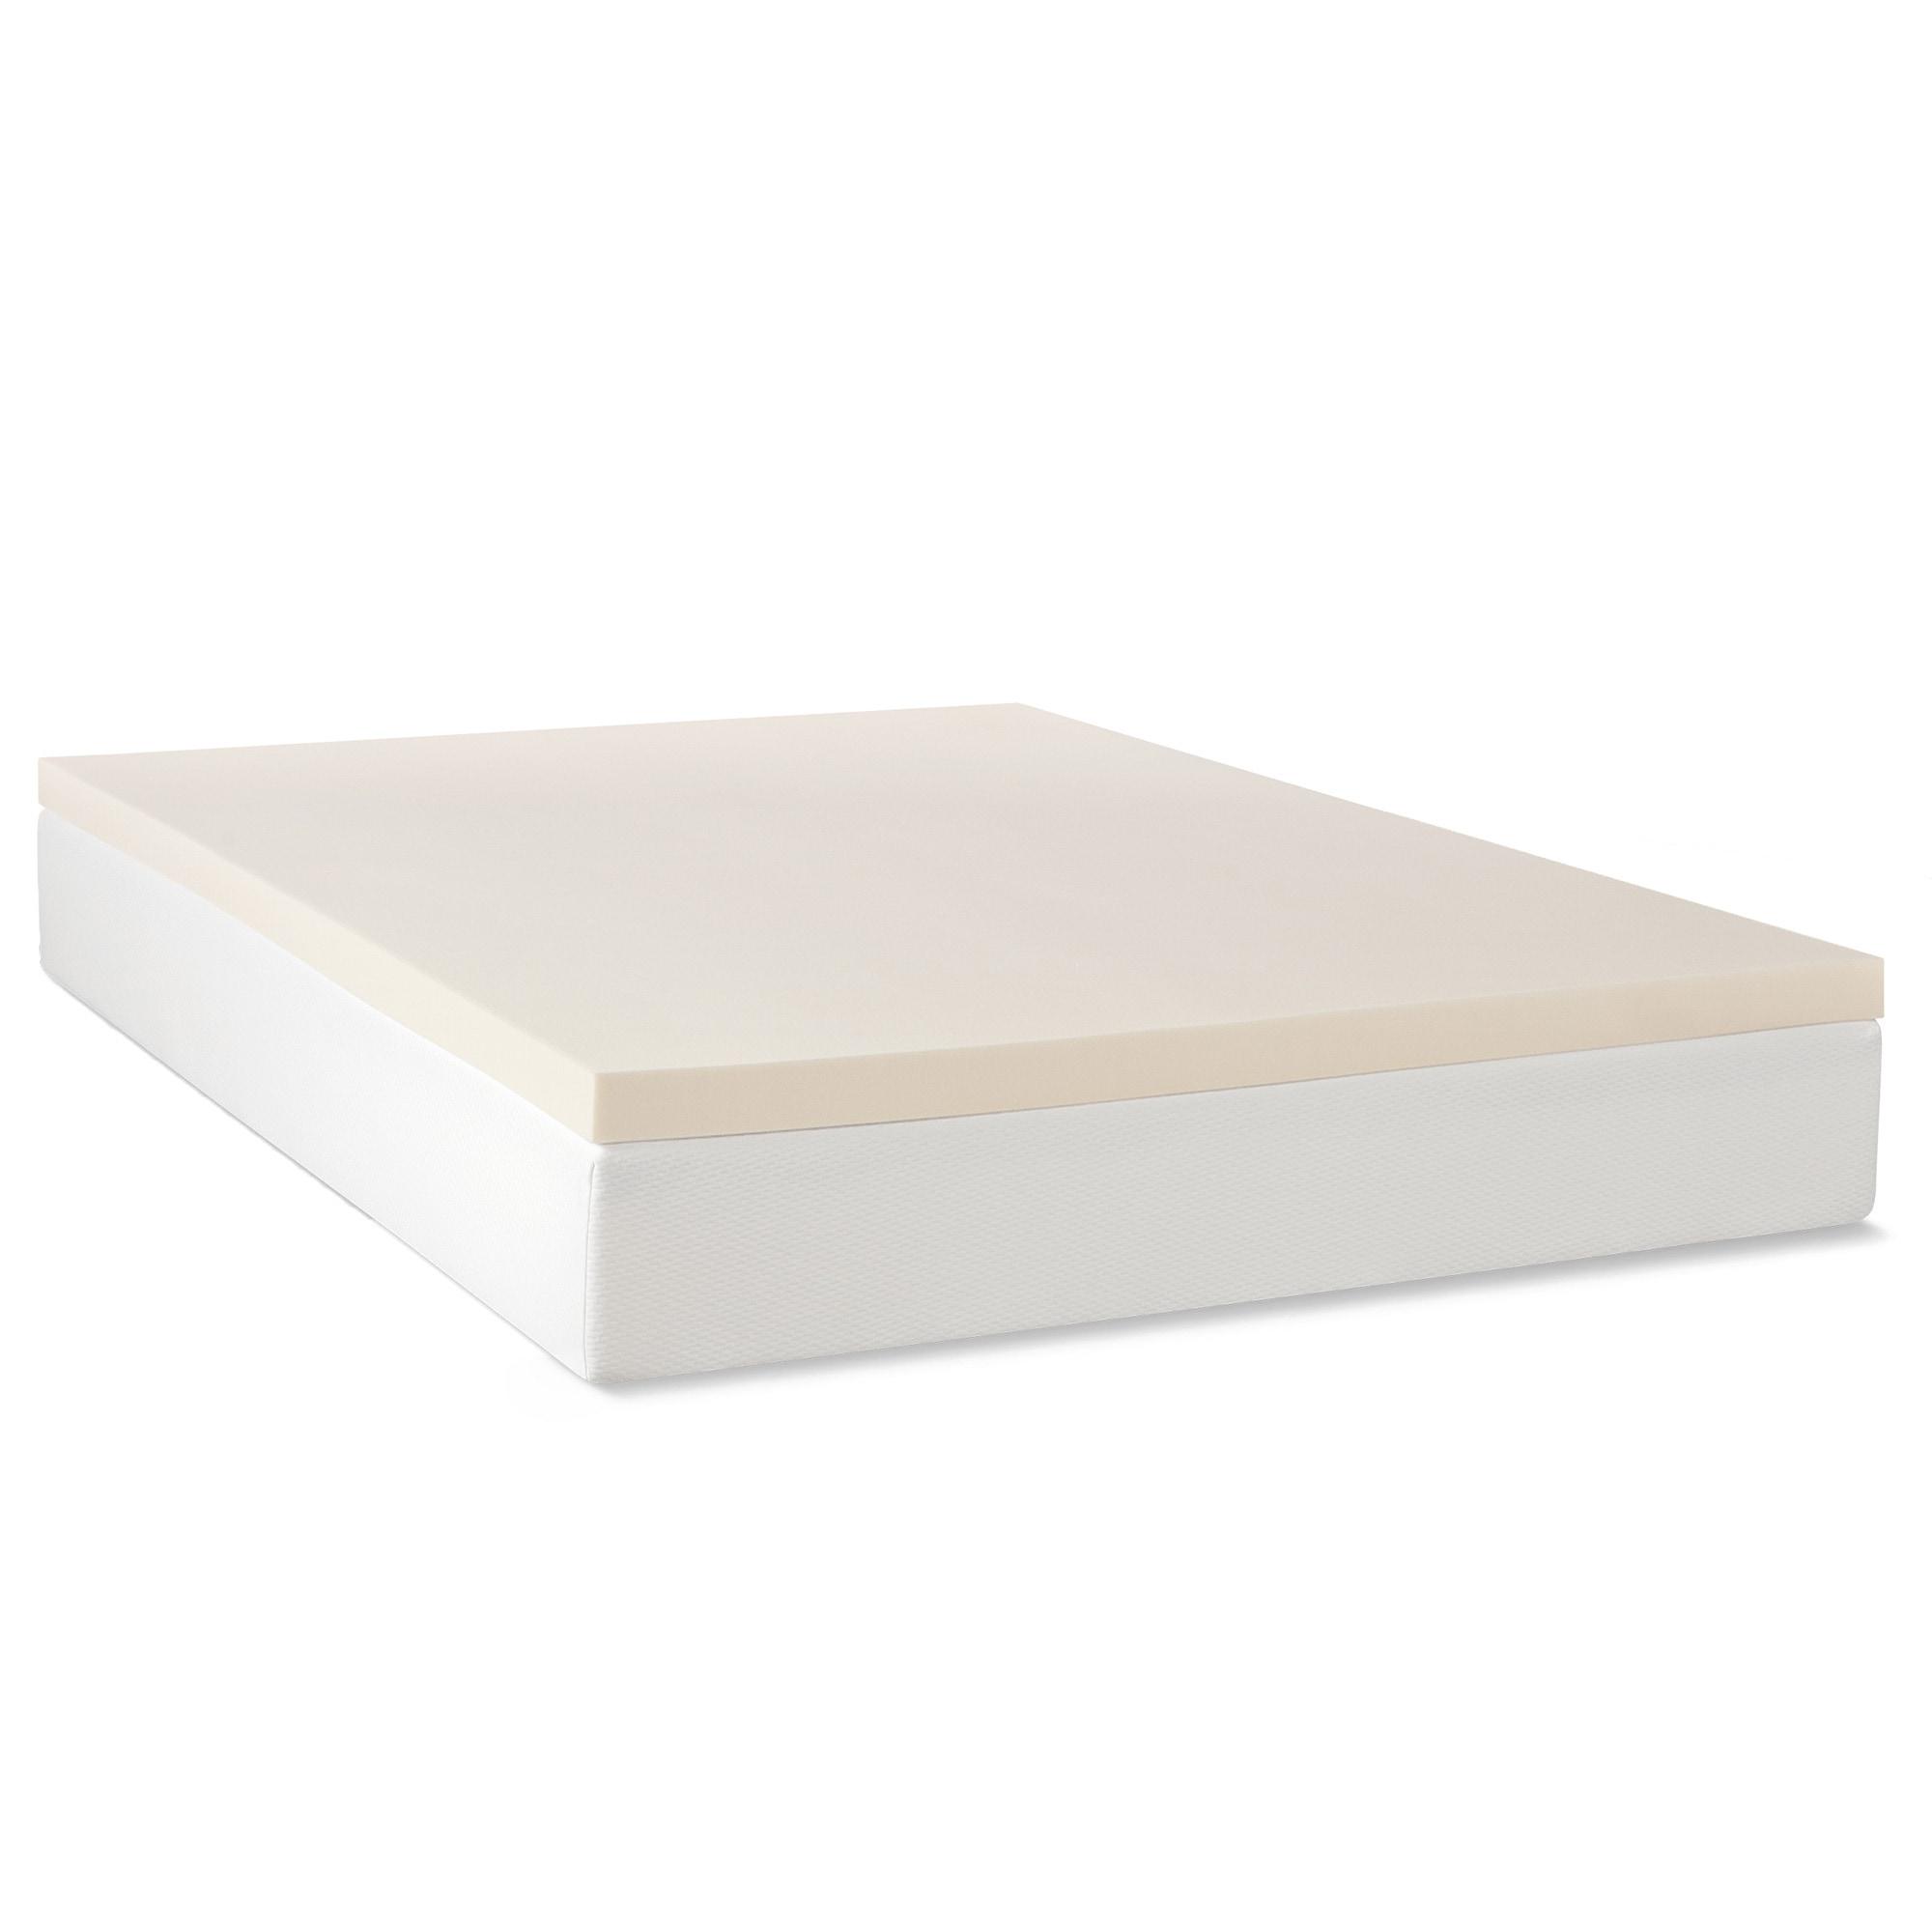 Select Luxury RV 2-inch Memory Foam Mattress Topper (Twin)